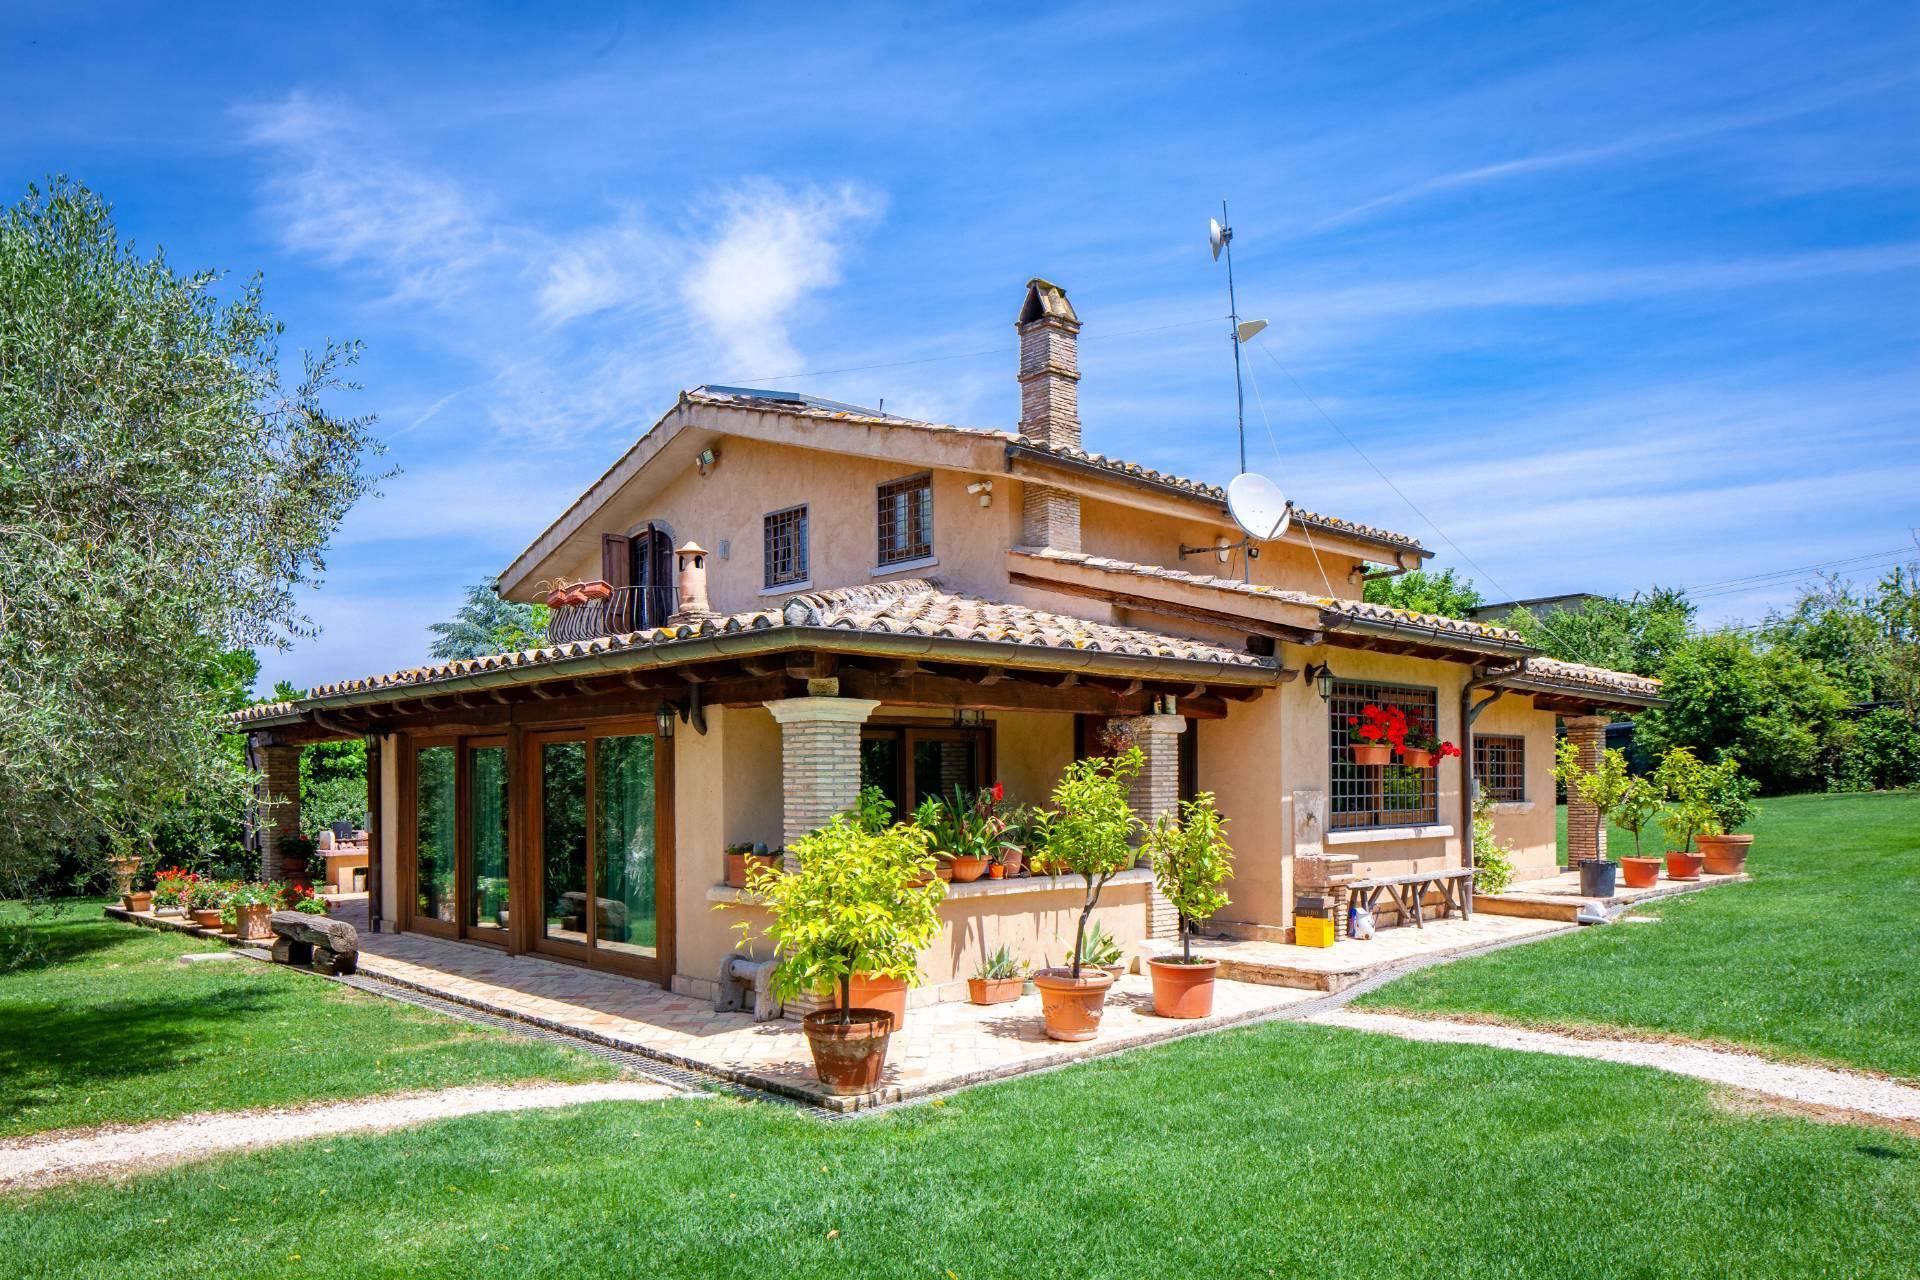 Villa in vendita a Sacrofano, 6 locali, prezzo € 675.000 | CambioCasa.it